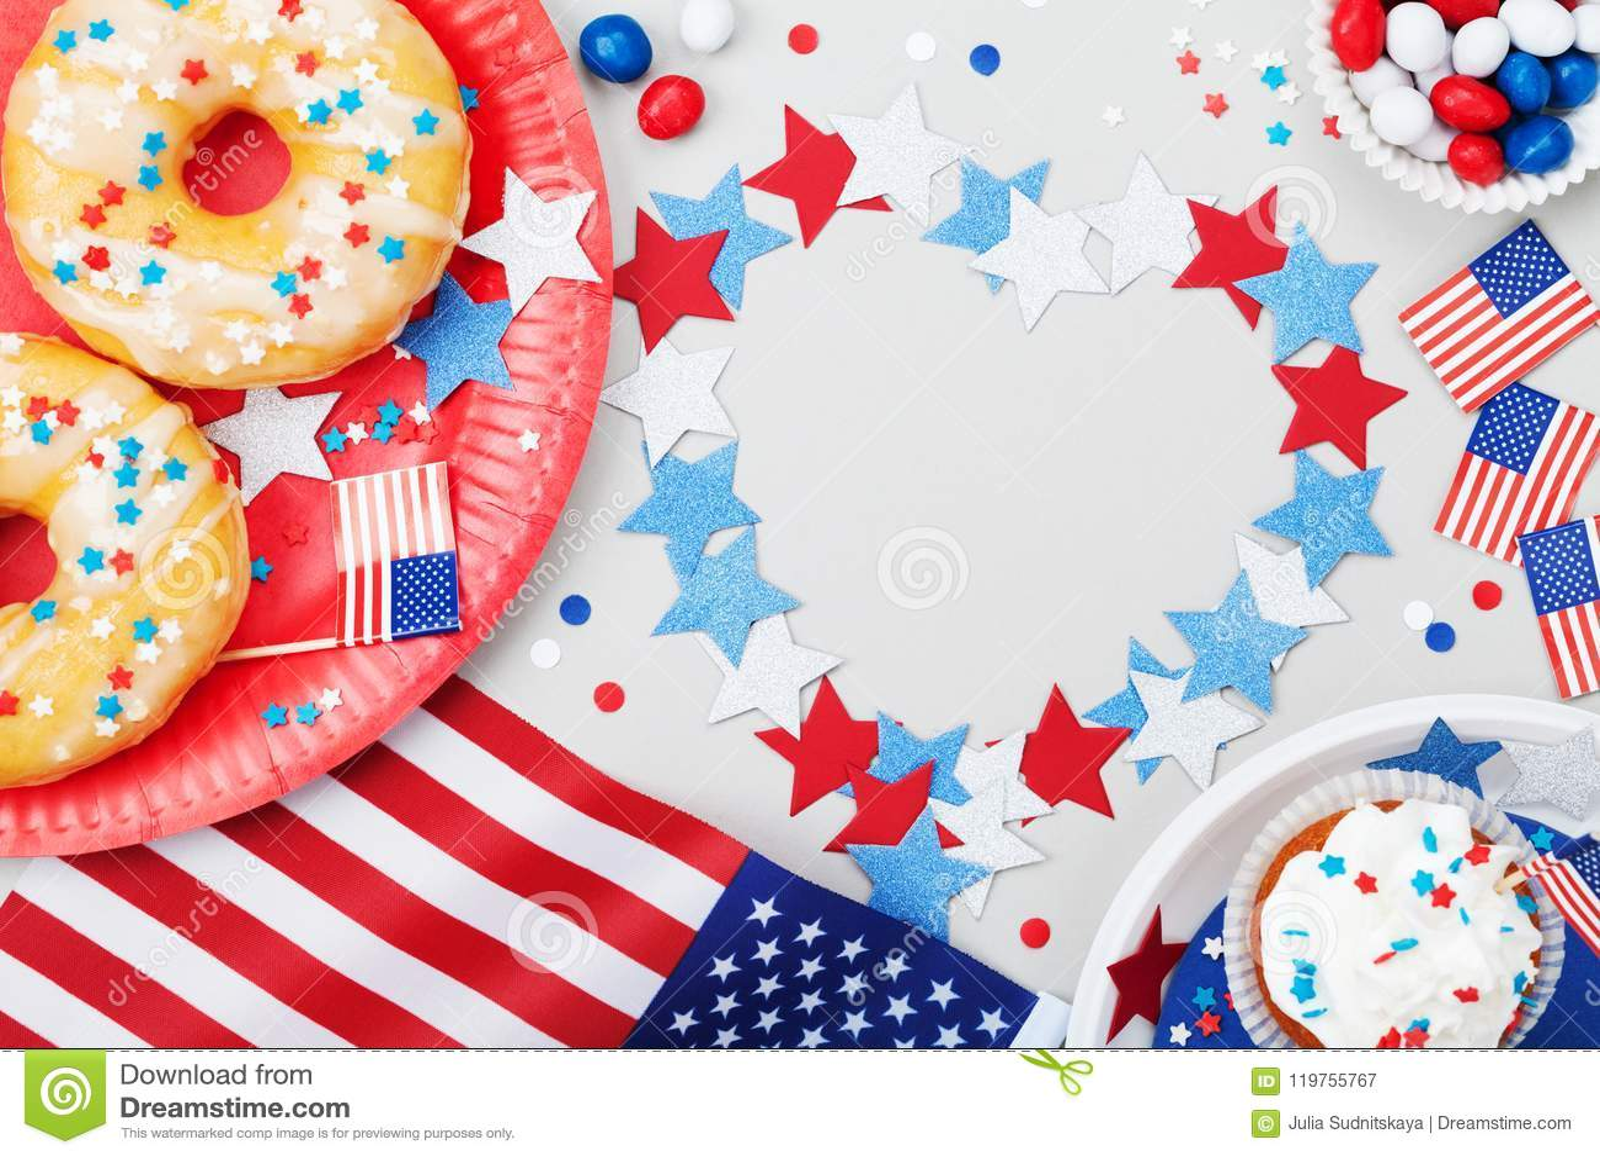 Szczęśliwy dnia niepodległości 4th Lipa tło z flaga amerykańską dekorującą słodcy foods, gwiazdy i confetti, Wakacje stół